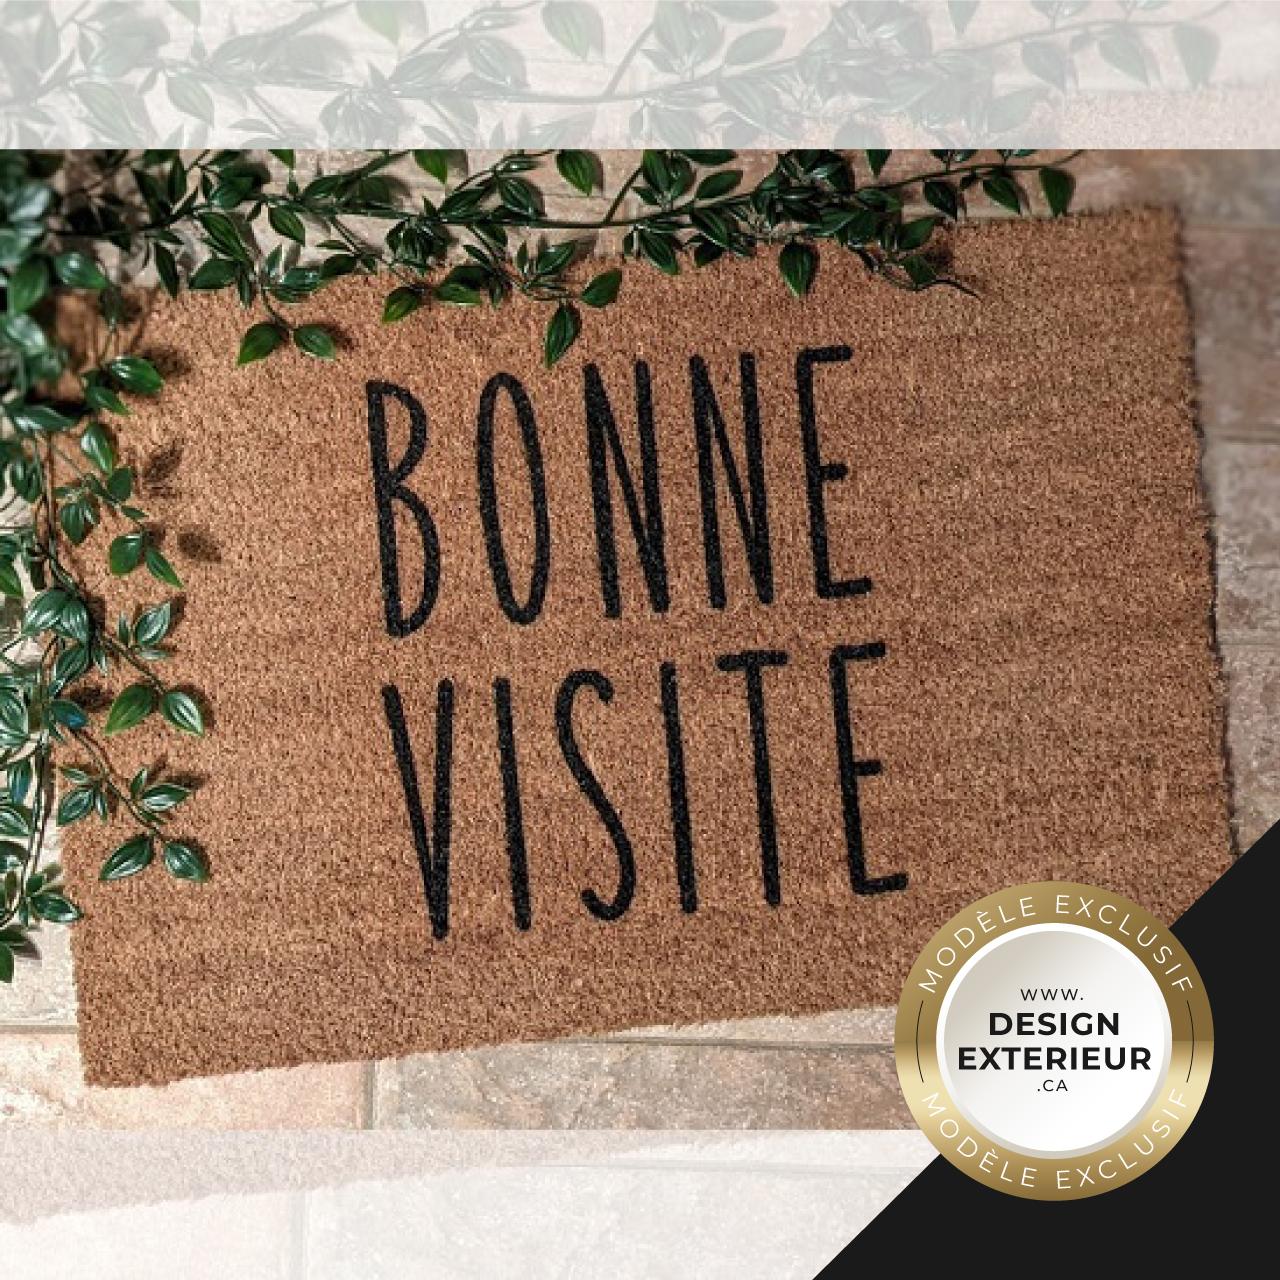 Paillasson Bonne visite design exterieur badge Exclusif